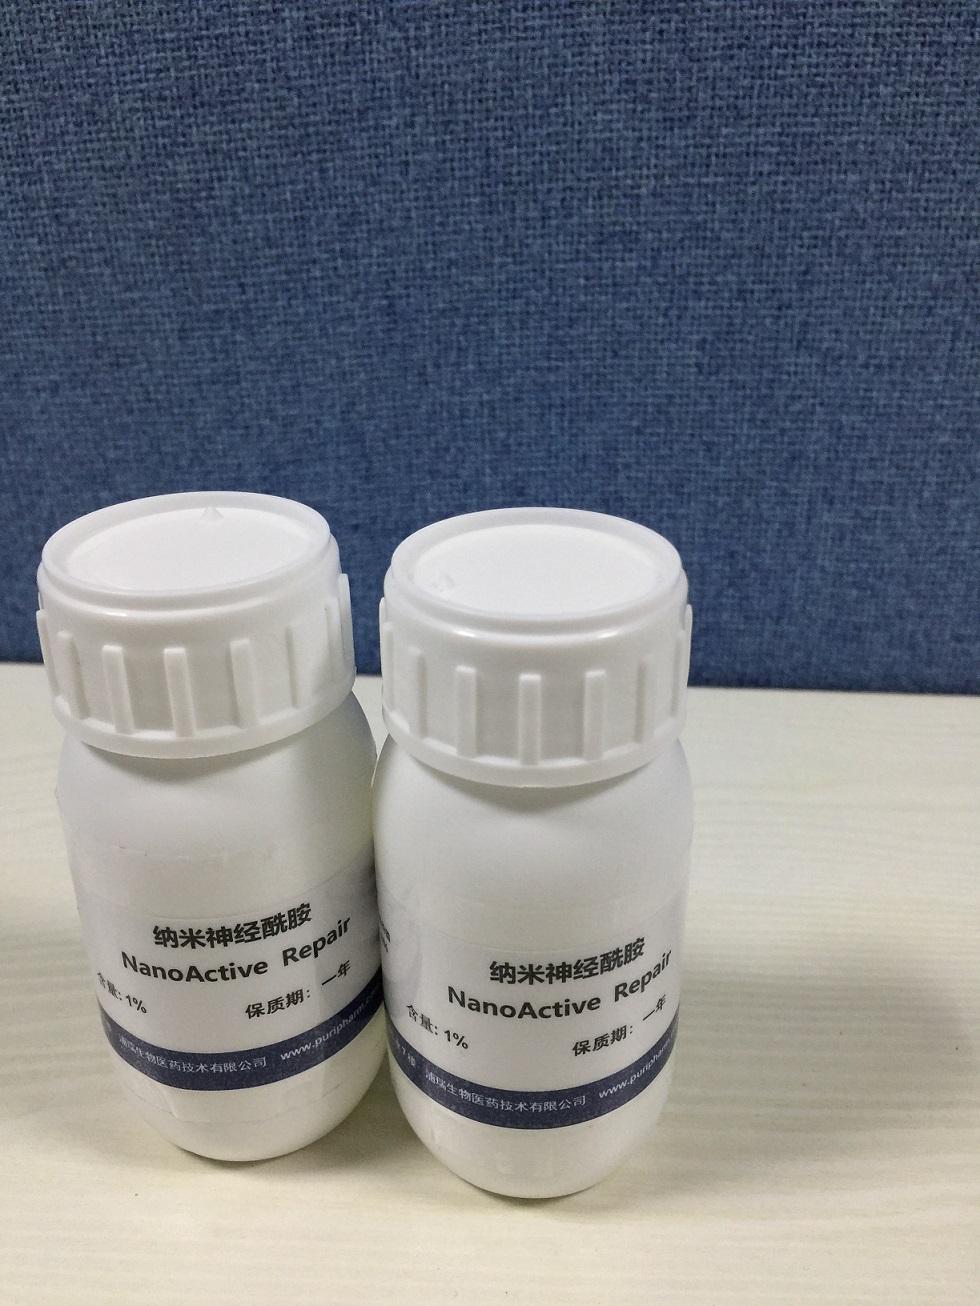 水溶性&油溶性&稳定&不变色&纳米包裹类神经酰胺化妆品原料-浦瑞生物